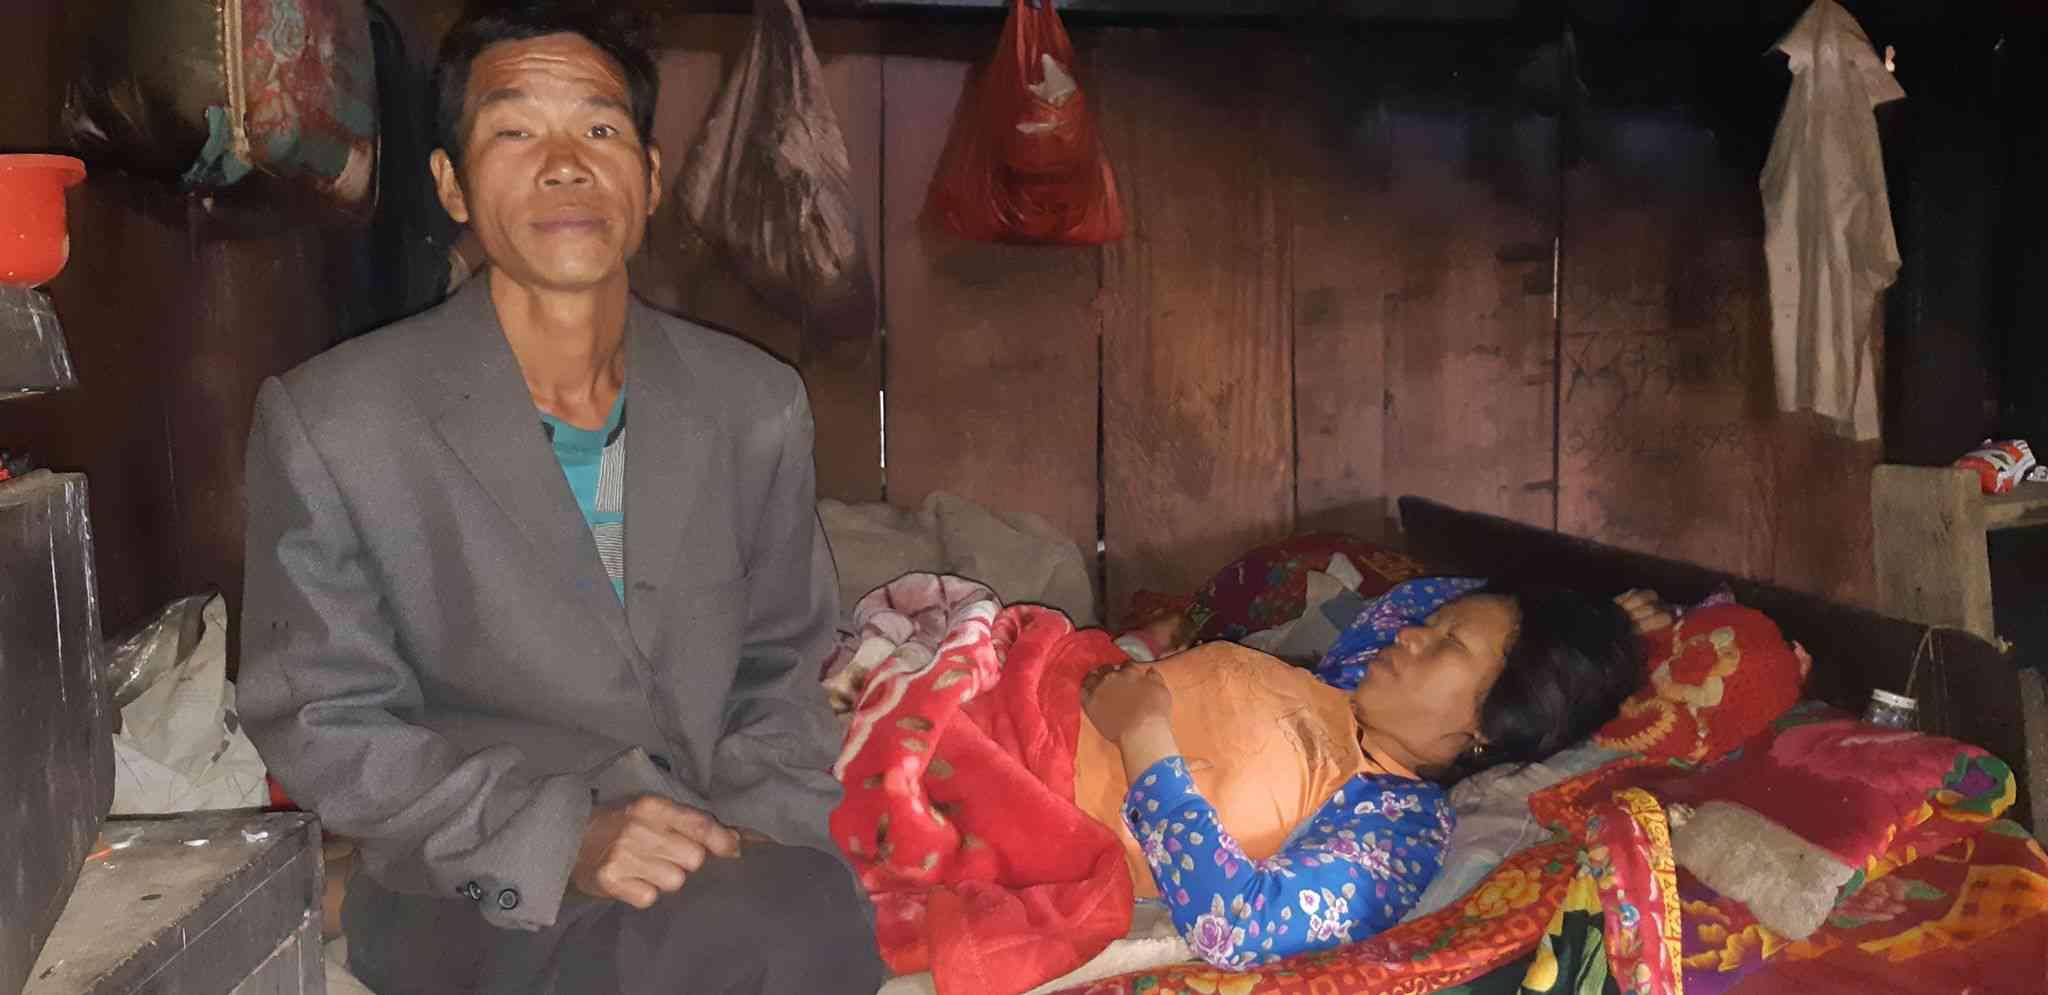 Clip: Chuyện người mẹ nghèo vừa phải cho đi đứa con thứ 13 mới sinh - 1